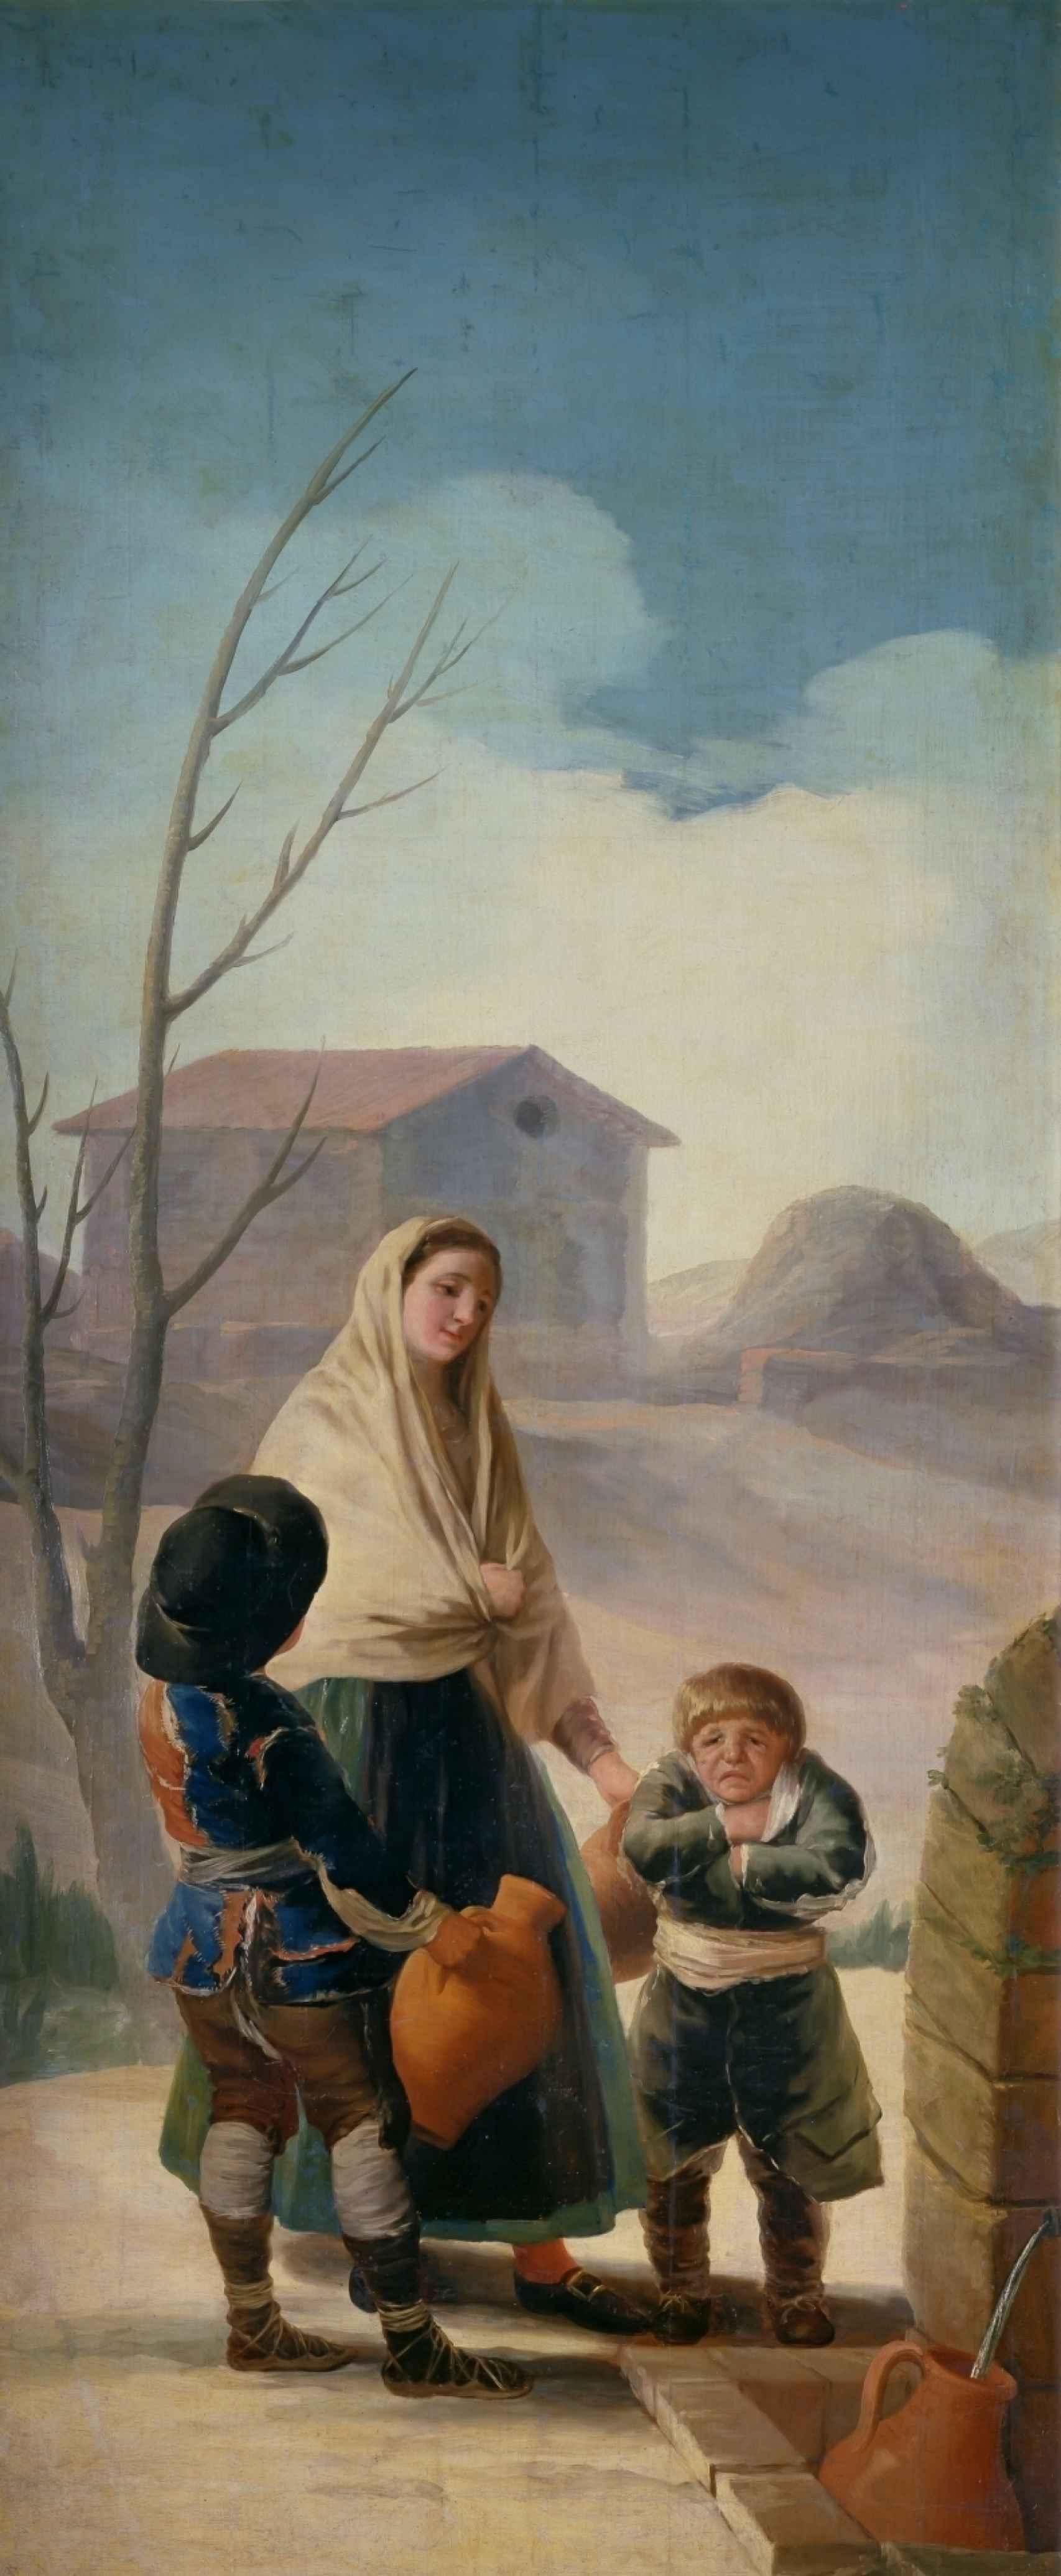 Mujer con dos muchachos en la fuente (''Los pobres en la fuente'')